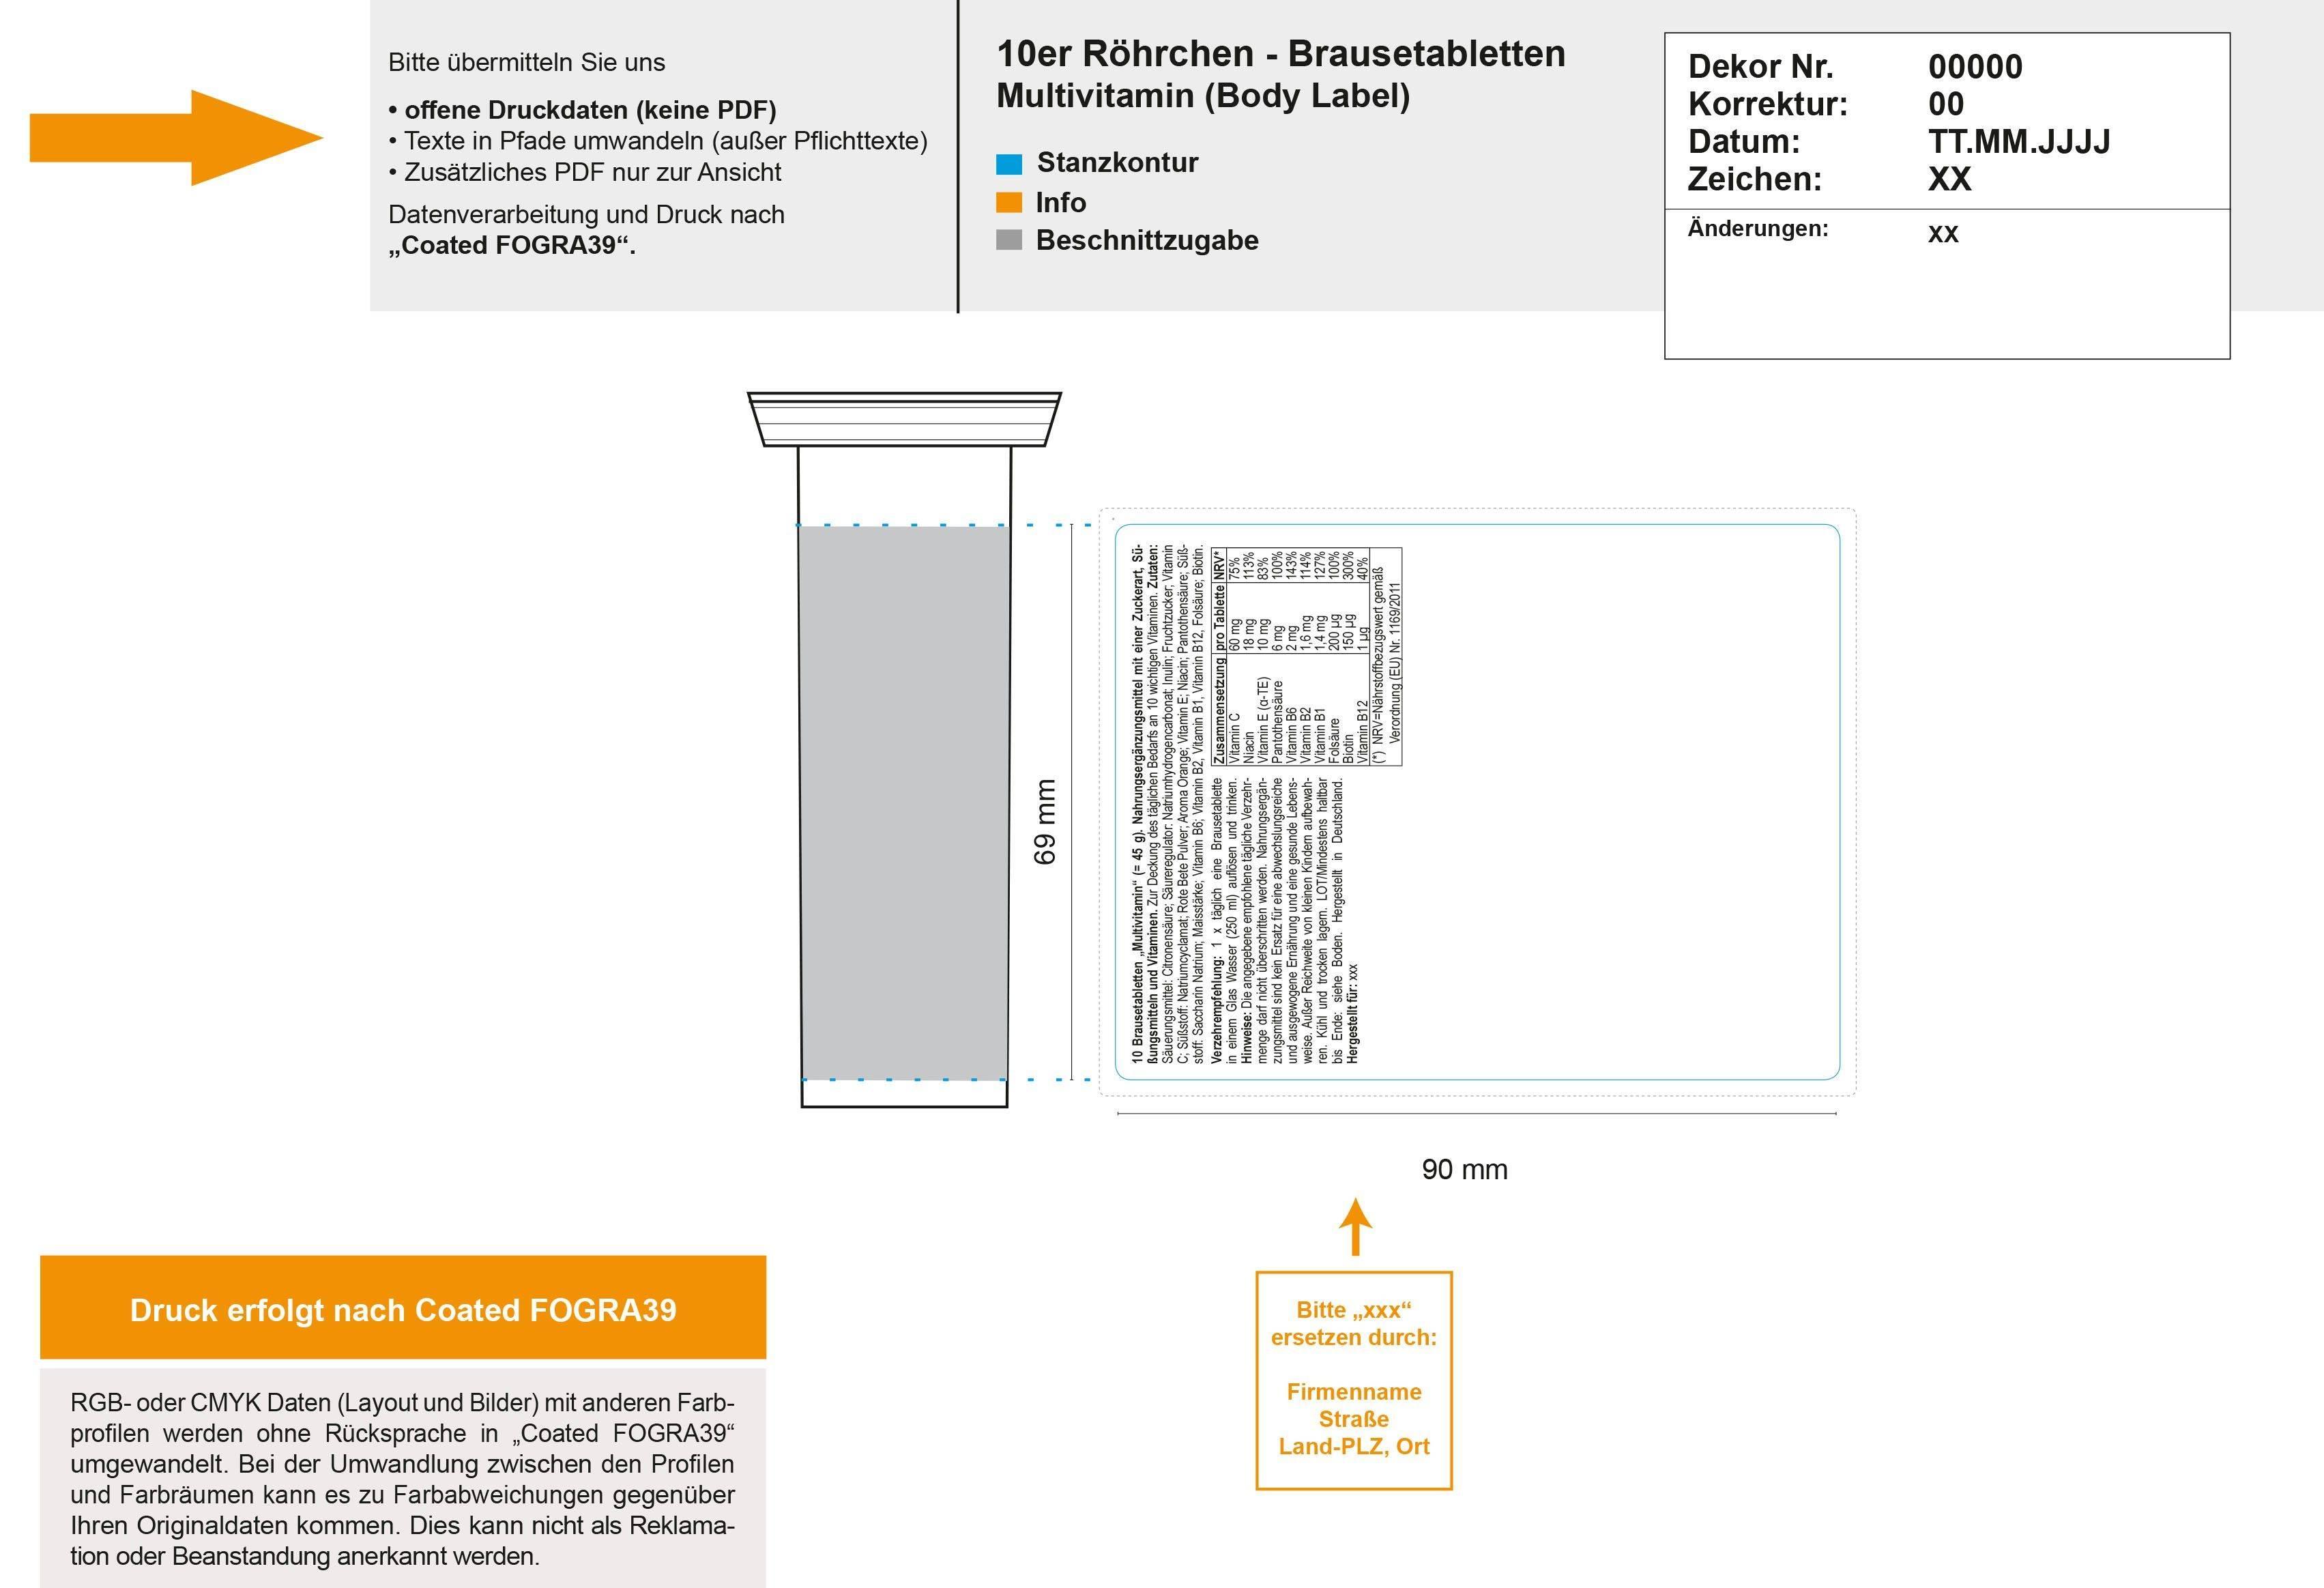 10er_Brausetabletten_Multivitamin